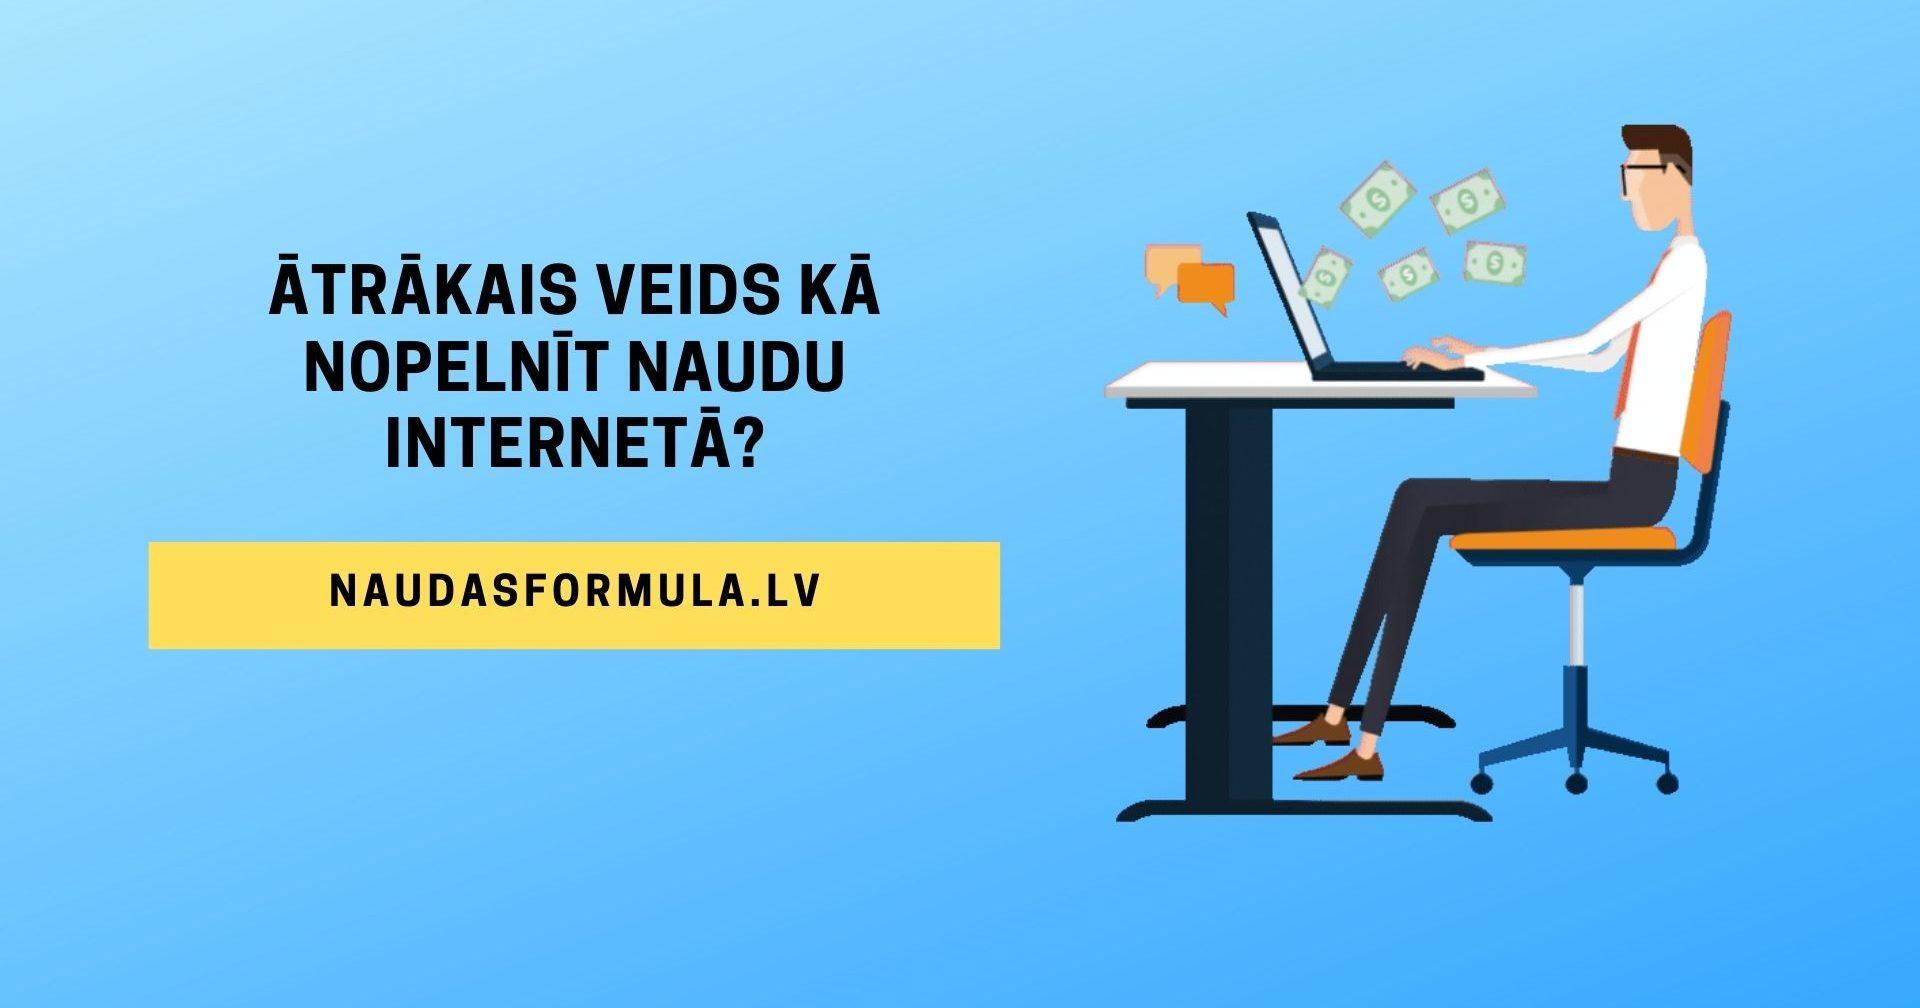 Veidus kā pelnīt naudu internetā. Kā pelnīt naudu internetā - Līdz pat € - Godīgas pamācības